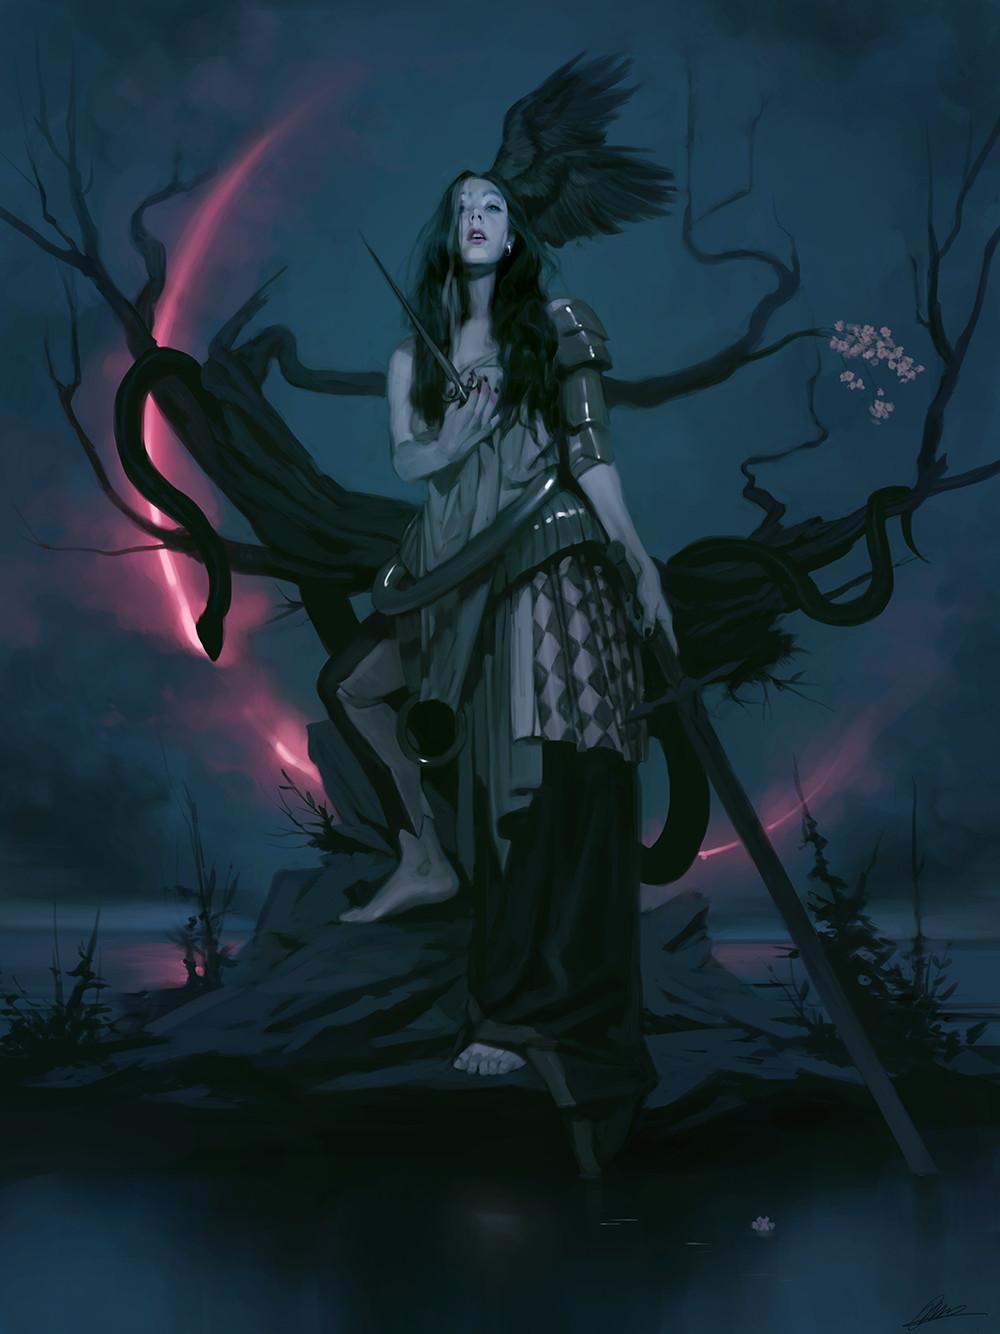 The Fantasy Paintings of Jodie Muir